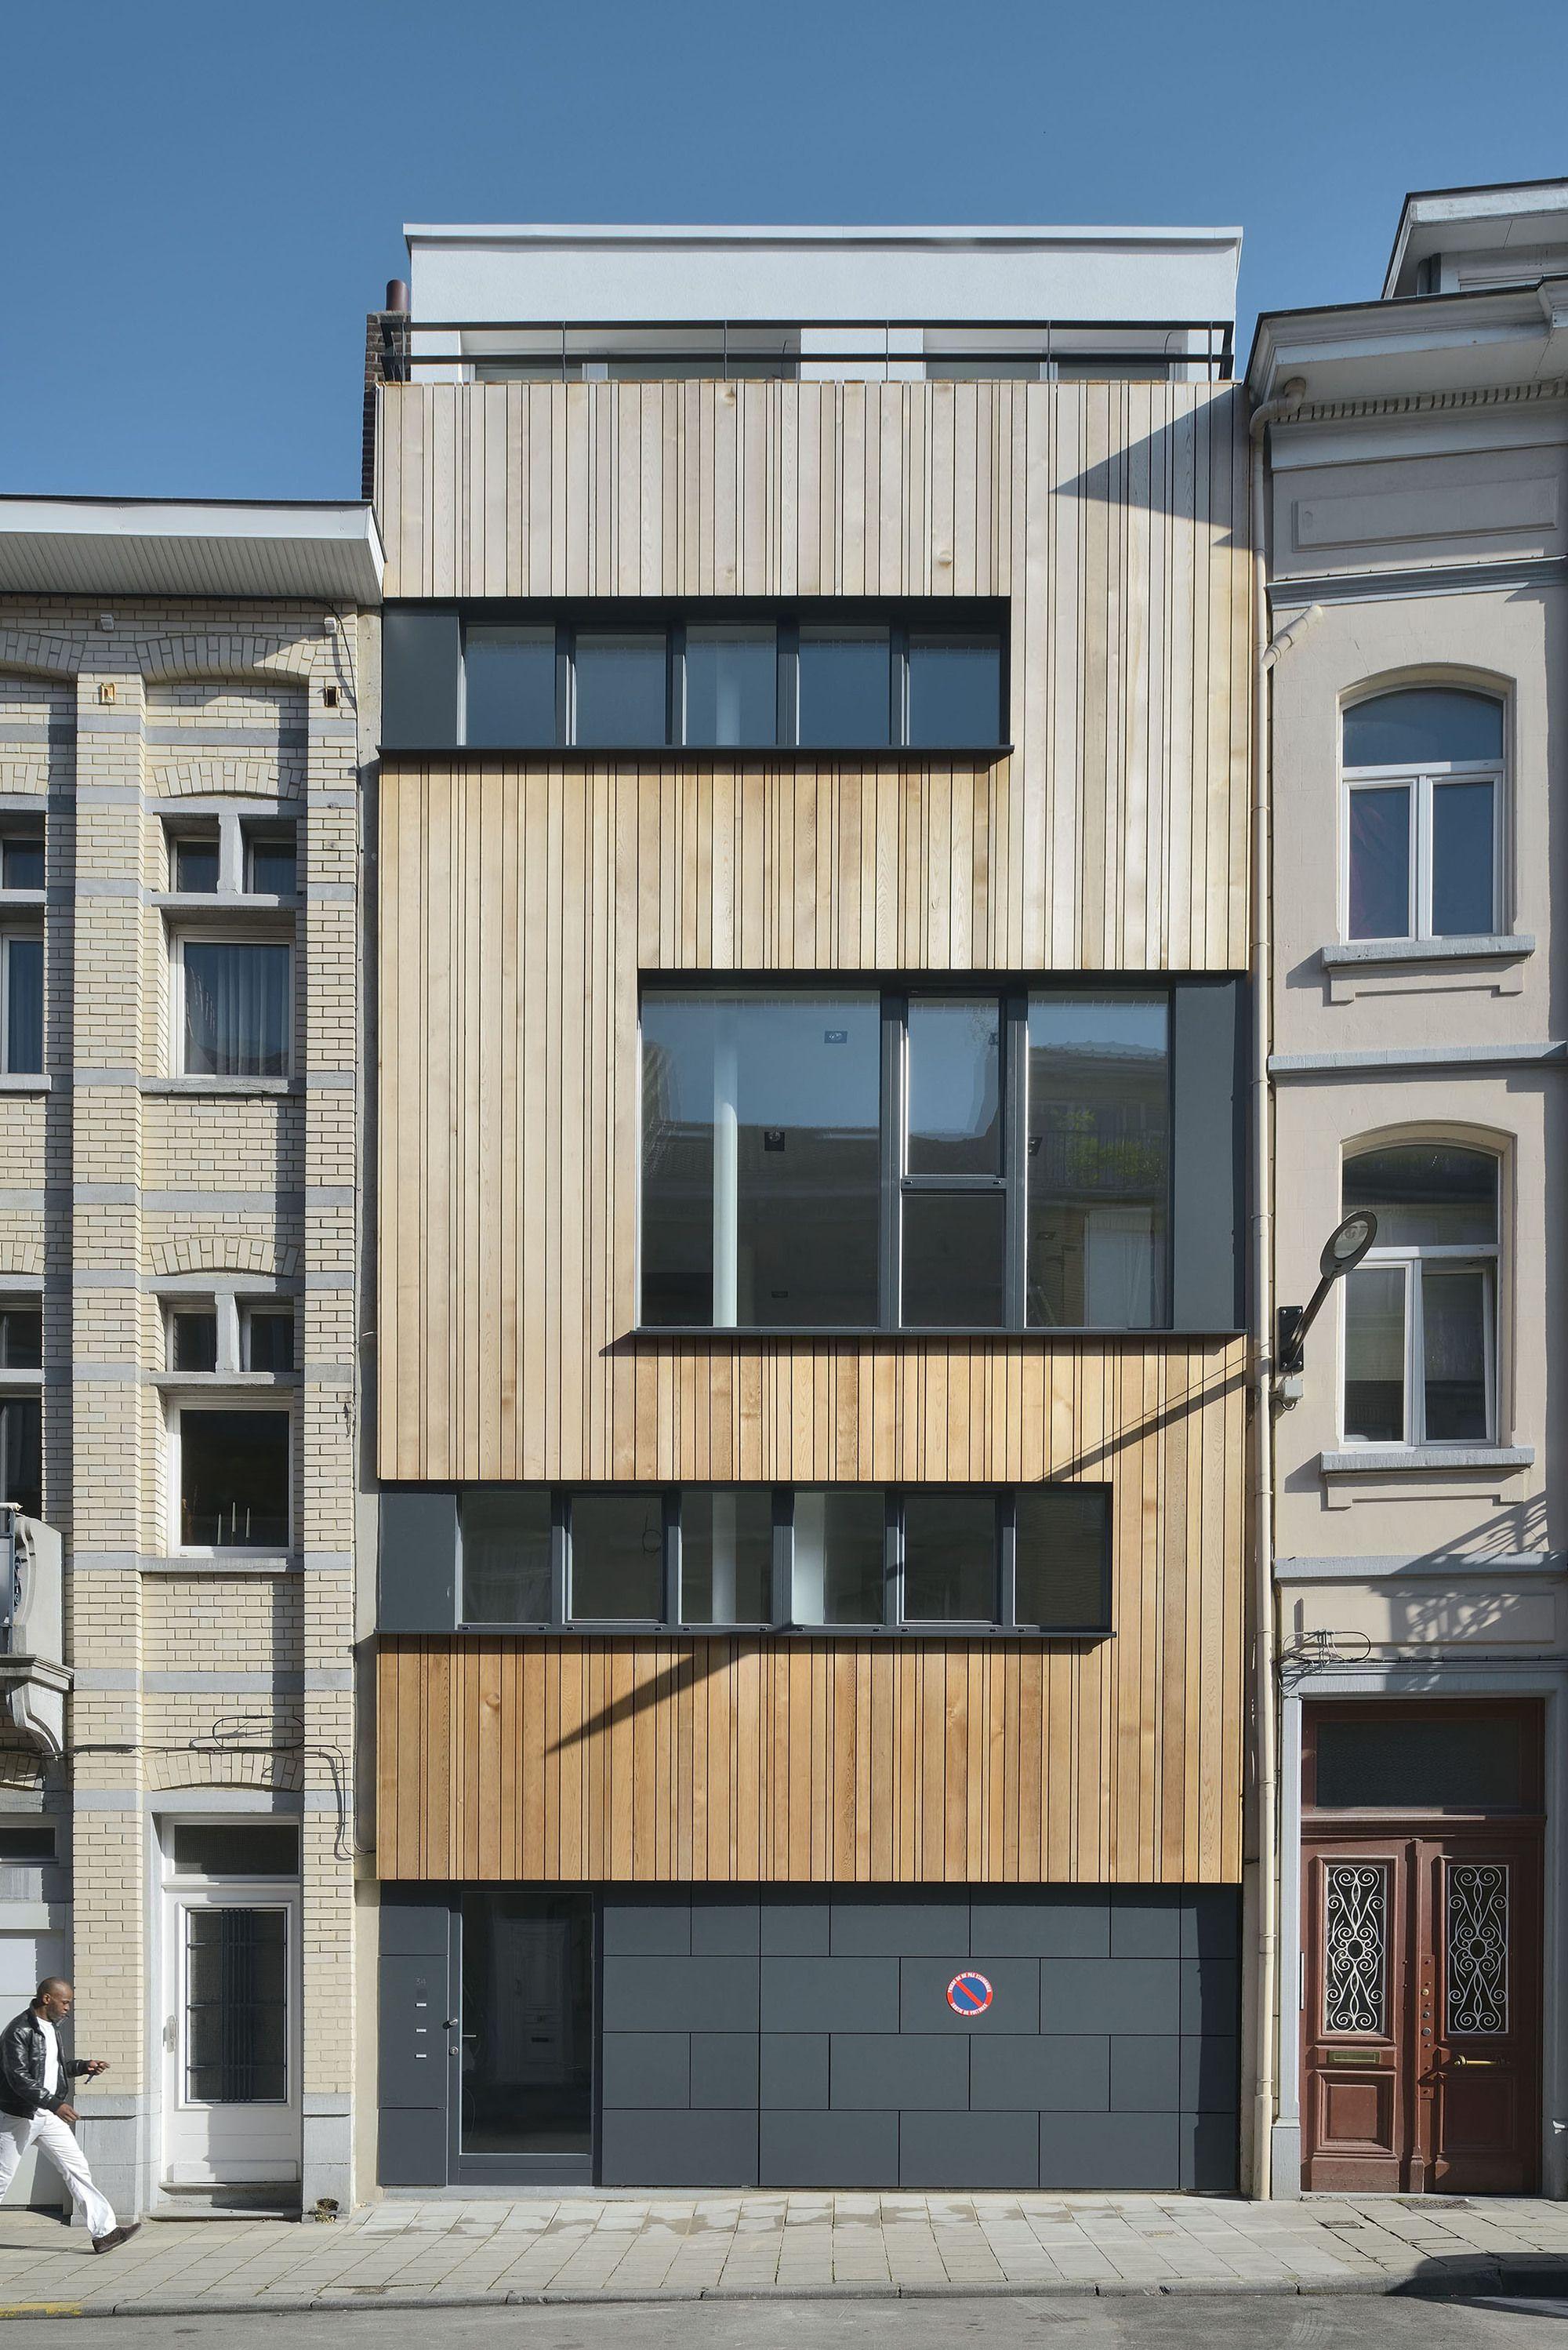 Construido por FORMa en Ixelles, Belgium con fecha 2013. Imagenes por Georges De Kinder. El proyecto se trata de hacer una vivienda pasiva asequible, sencilla y agradable. Un estudio de viabilidad mostró qu...